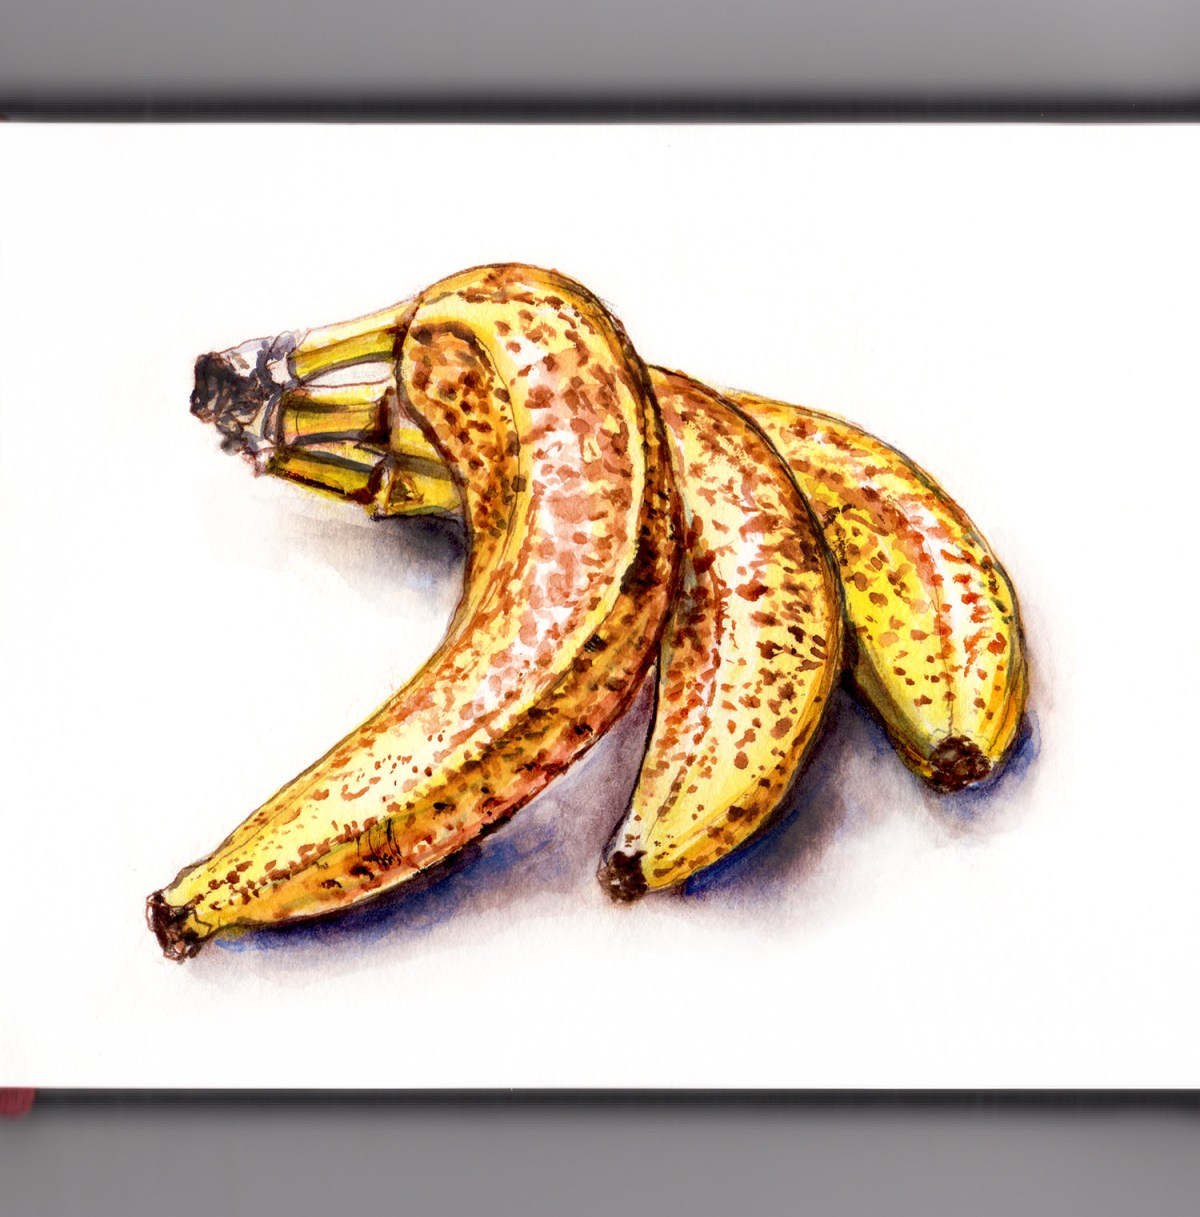 Day 5 - #WorldWatercolorGroup Ripe Bananas Watercolor - #doodlewash